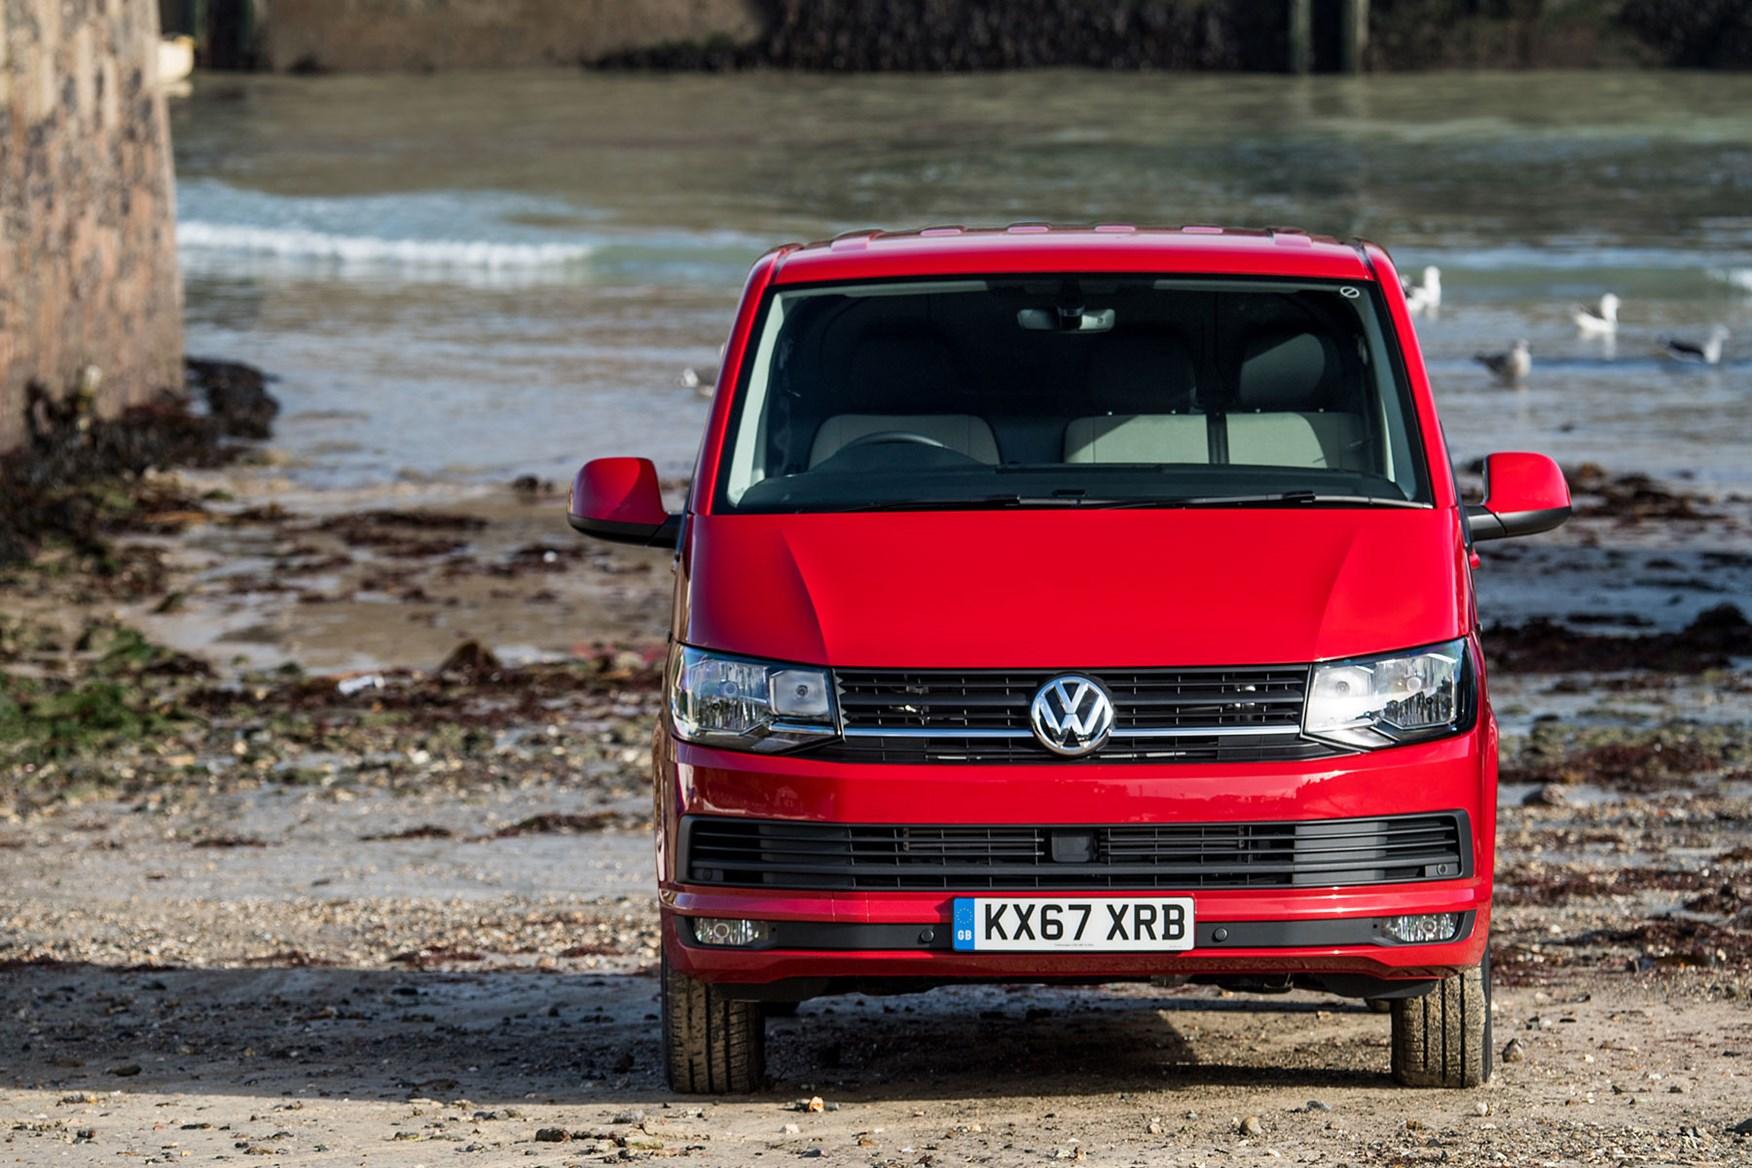 VW Transporter (2015-on) TSI front